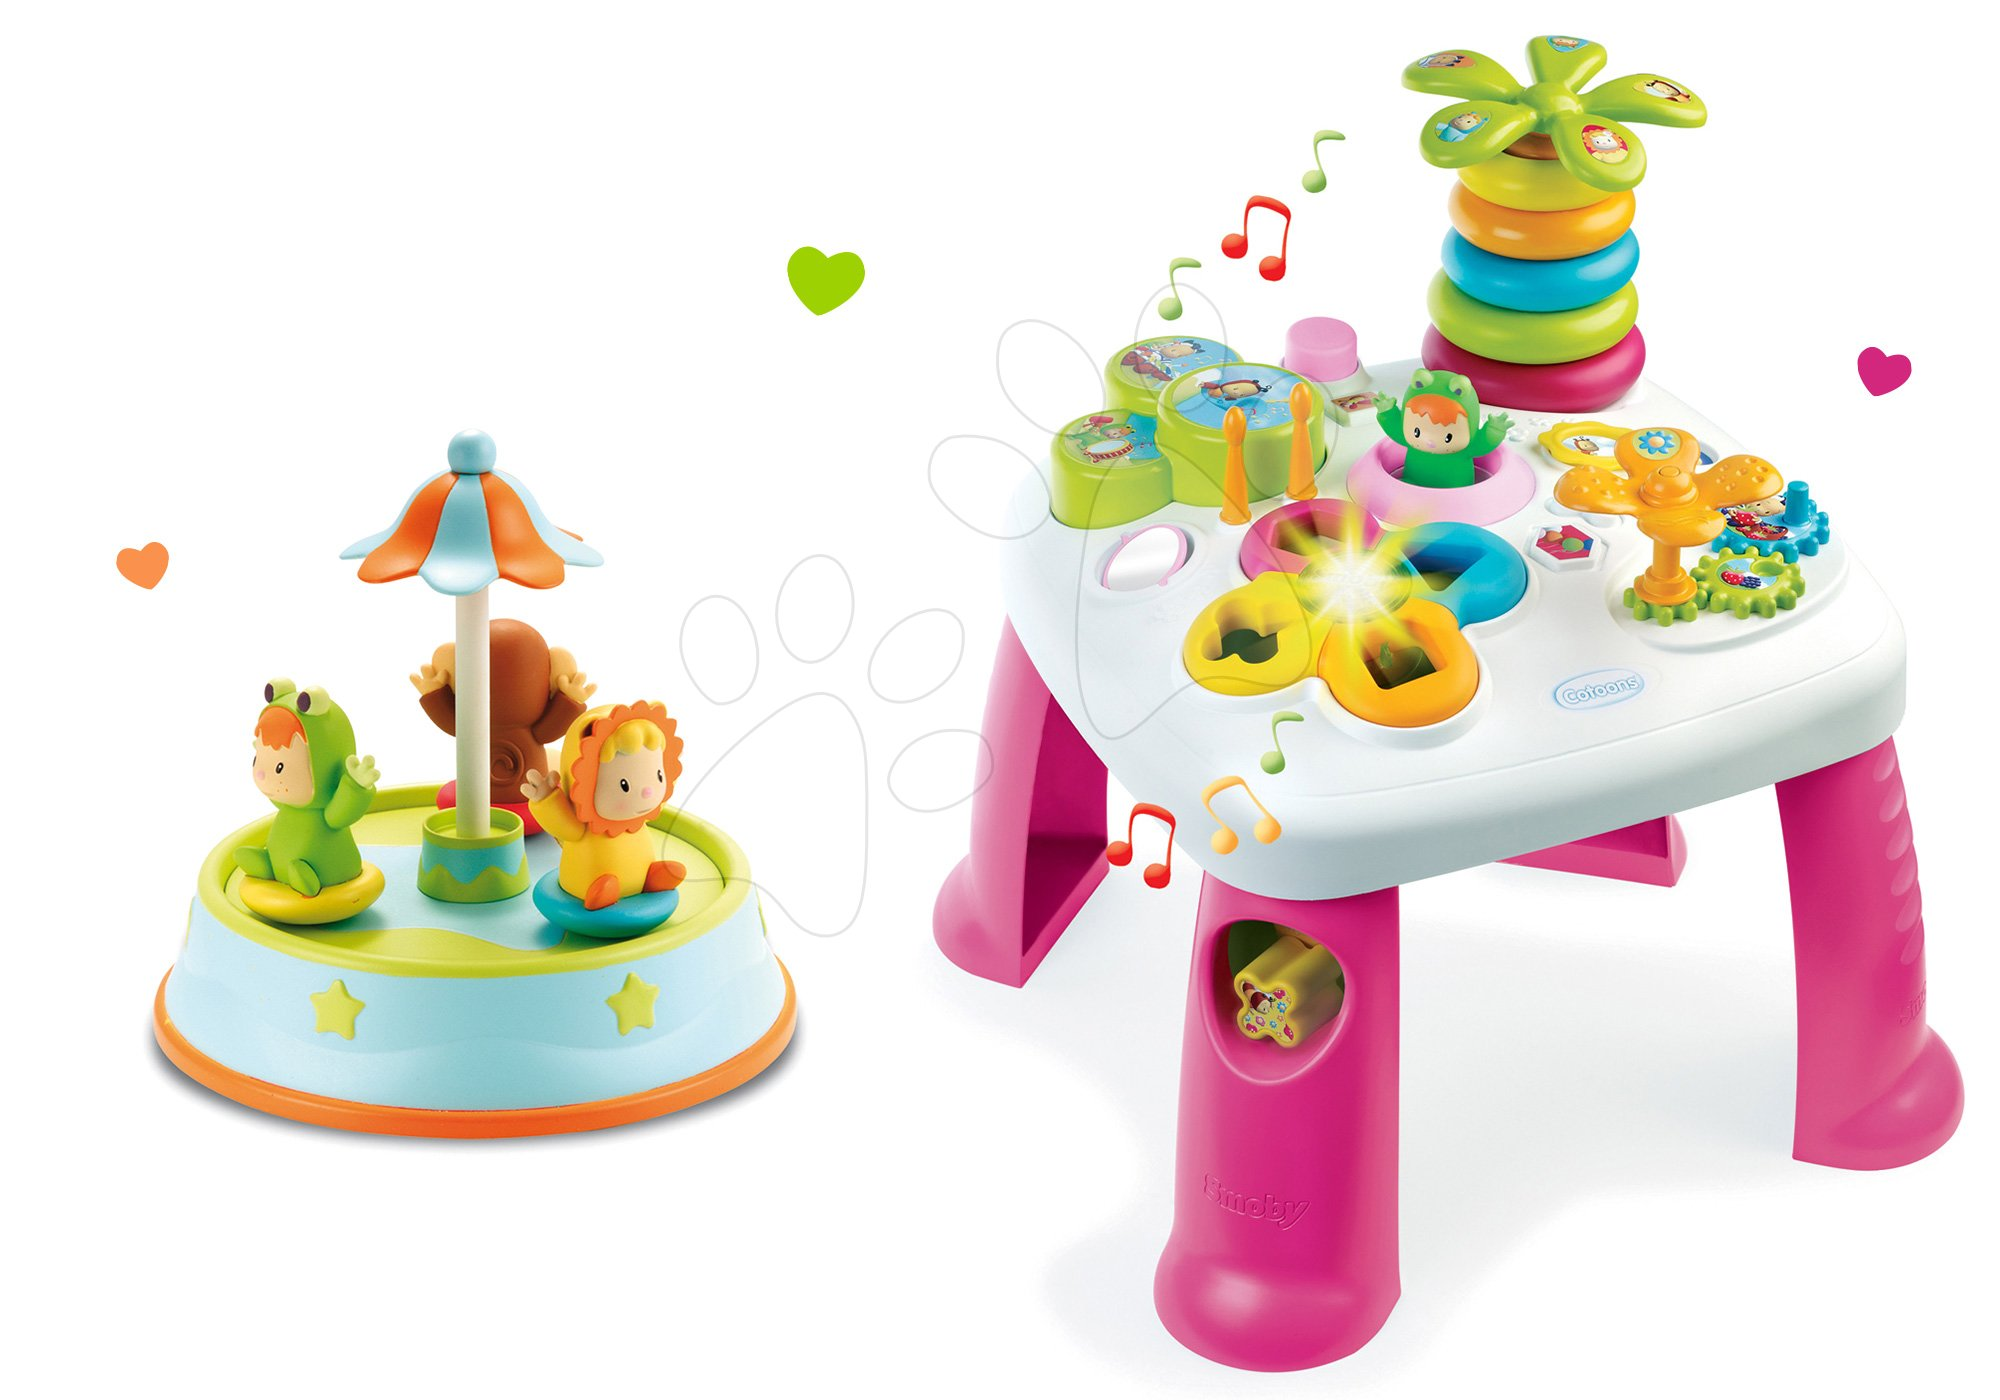 Komplet didaktična mizica Cotoons Smoby s funkcijami rožnata in vrtiljak s plešočimi figuricami in melodijami